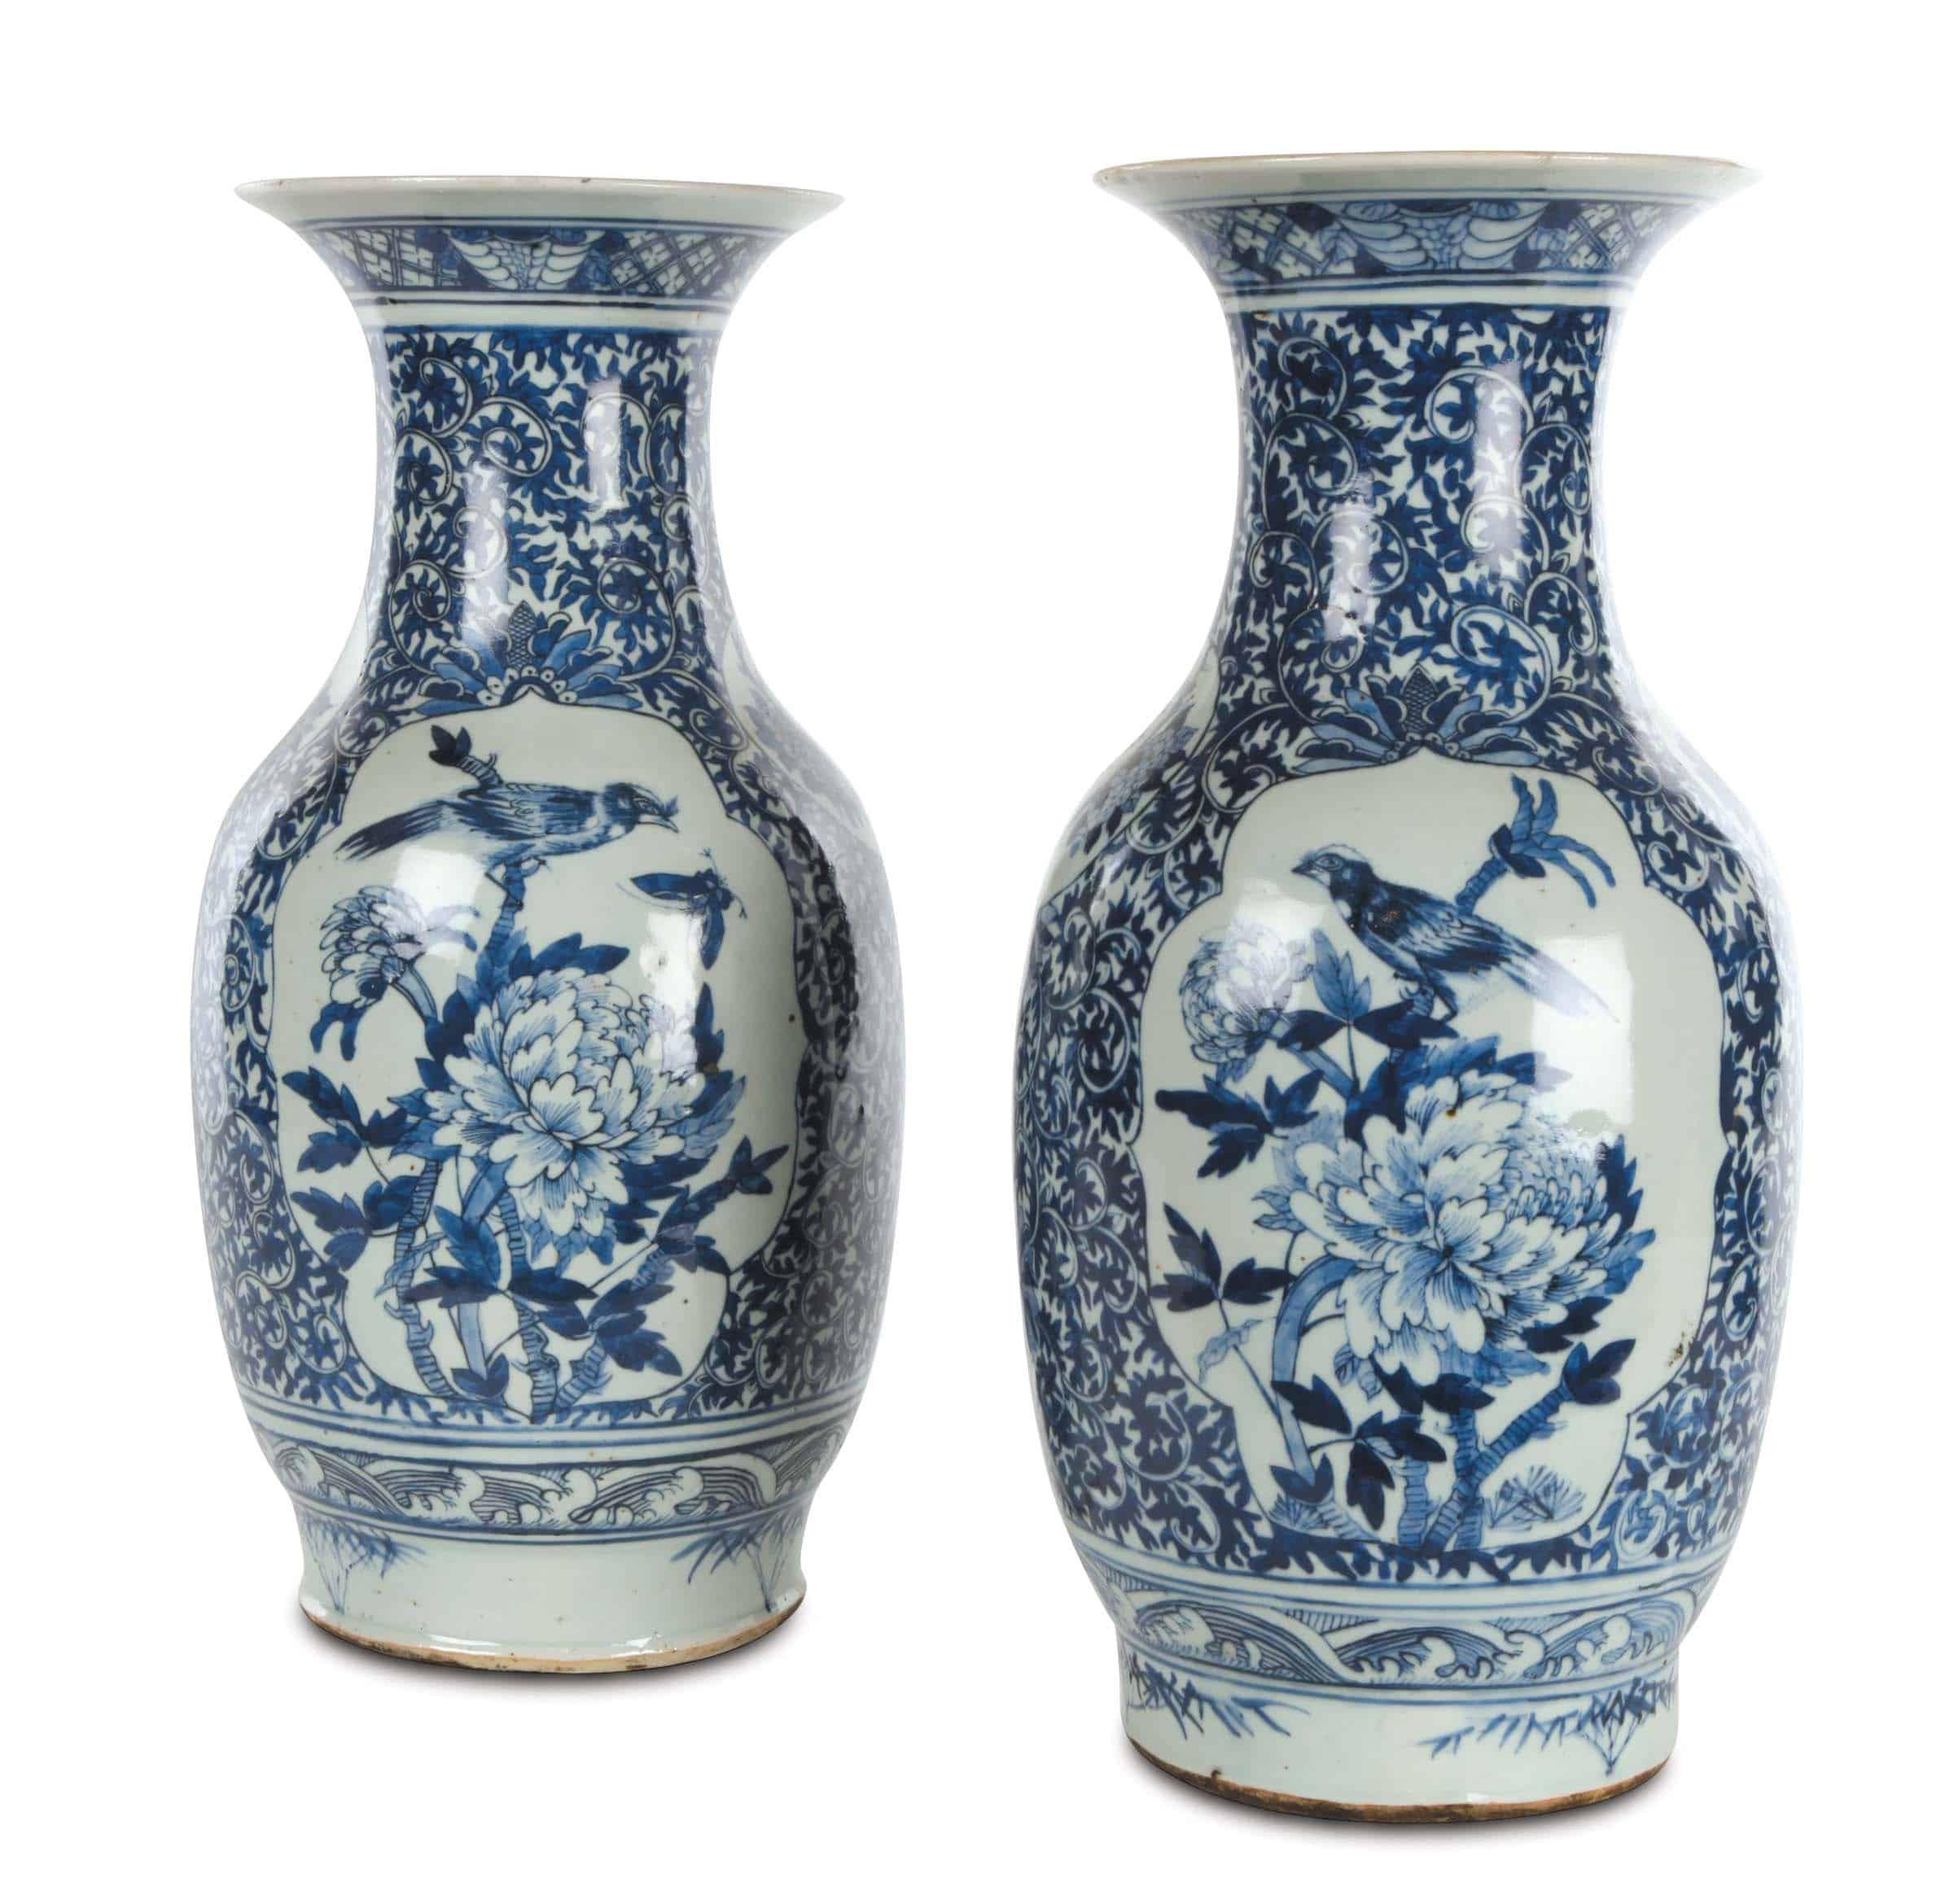 Acquisto cerco valuto antiquariato cinese for Vasi cinesi antichi antiquariato